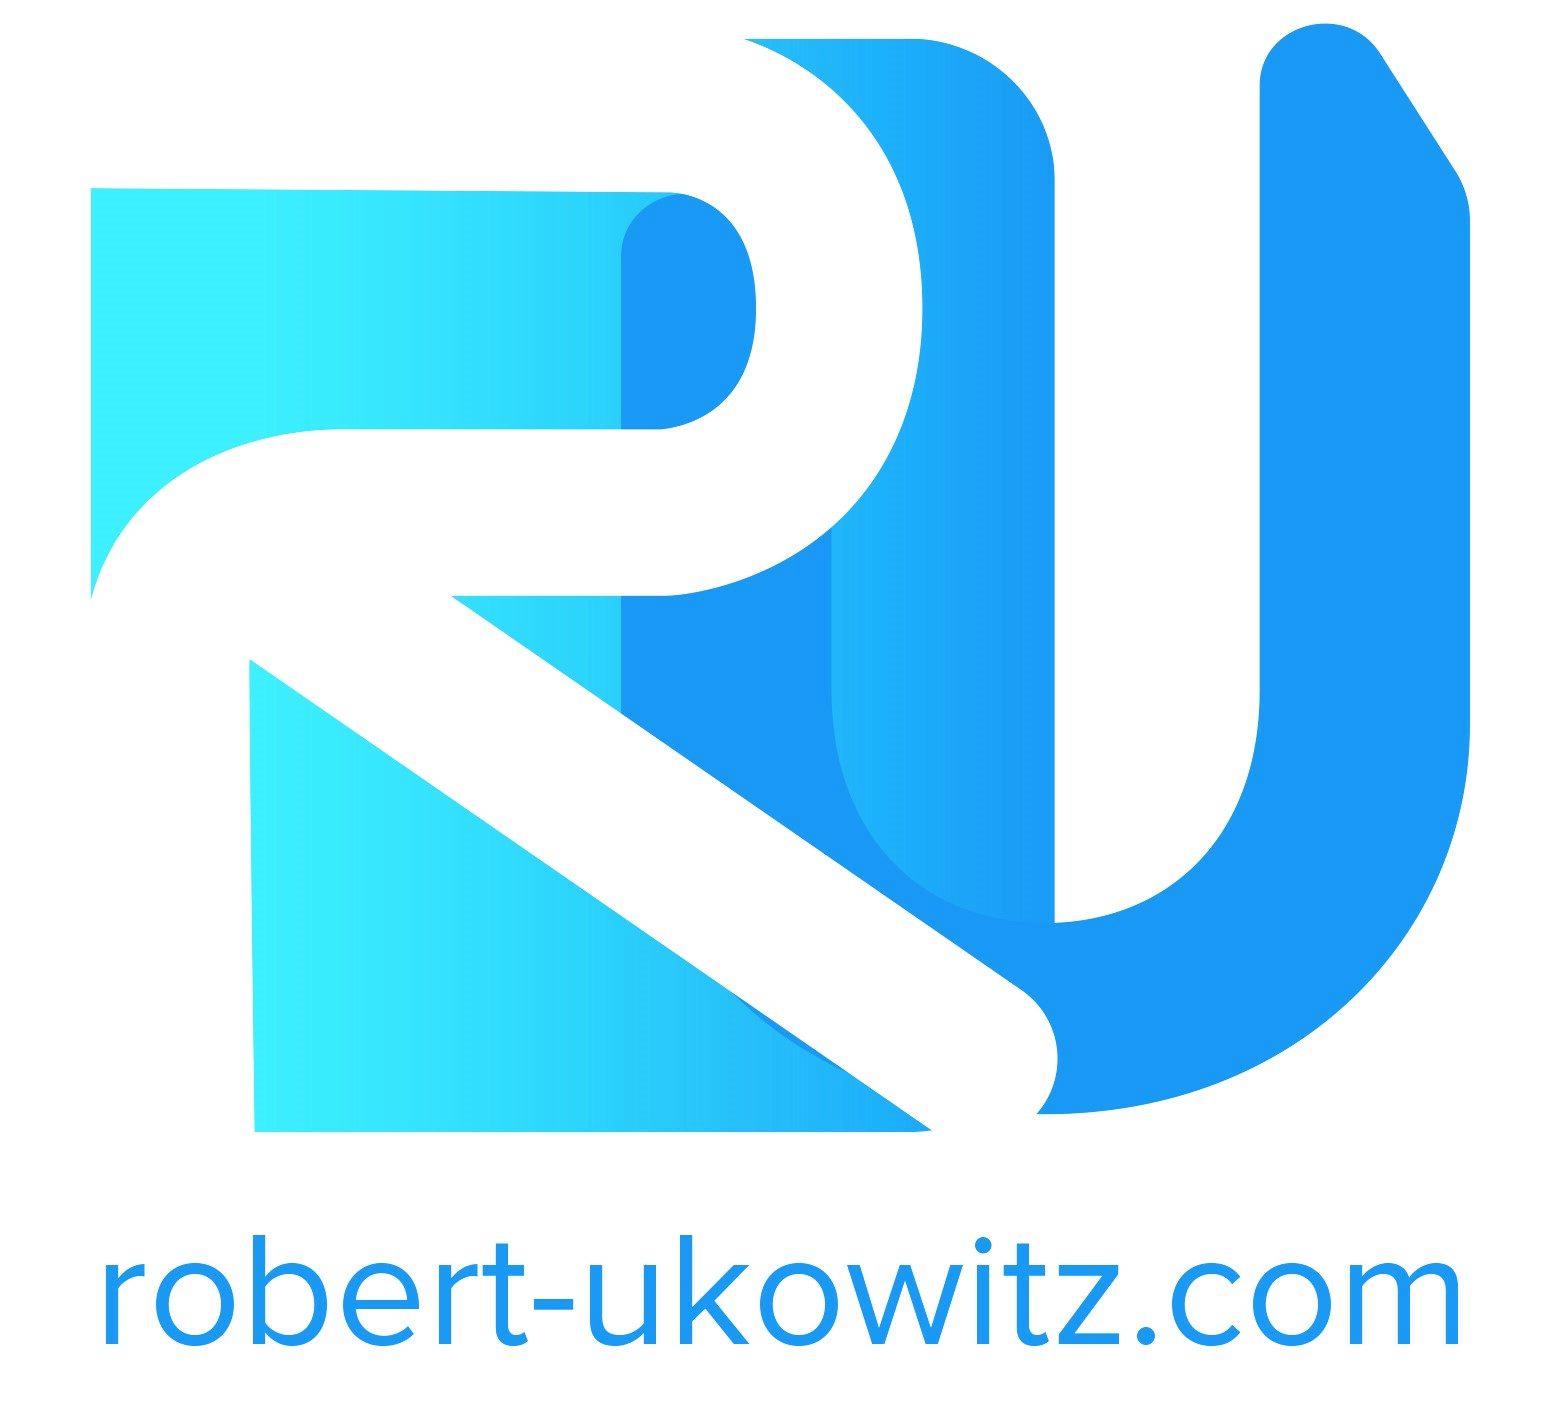 Robert Ukowitz